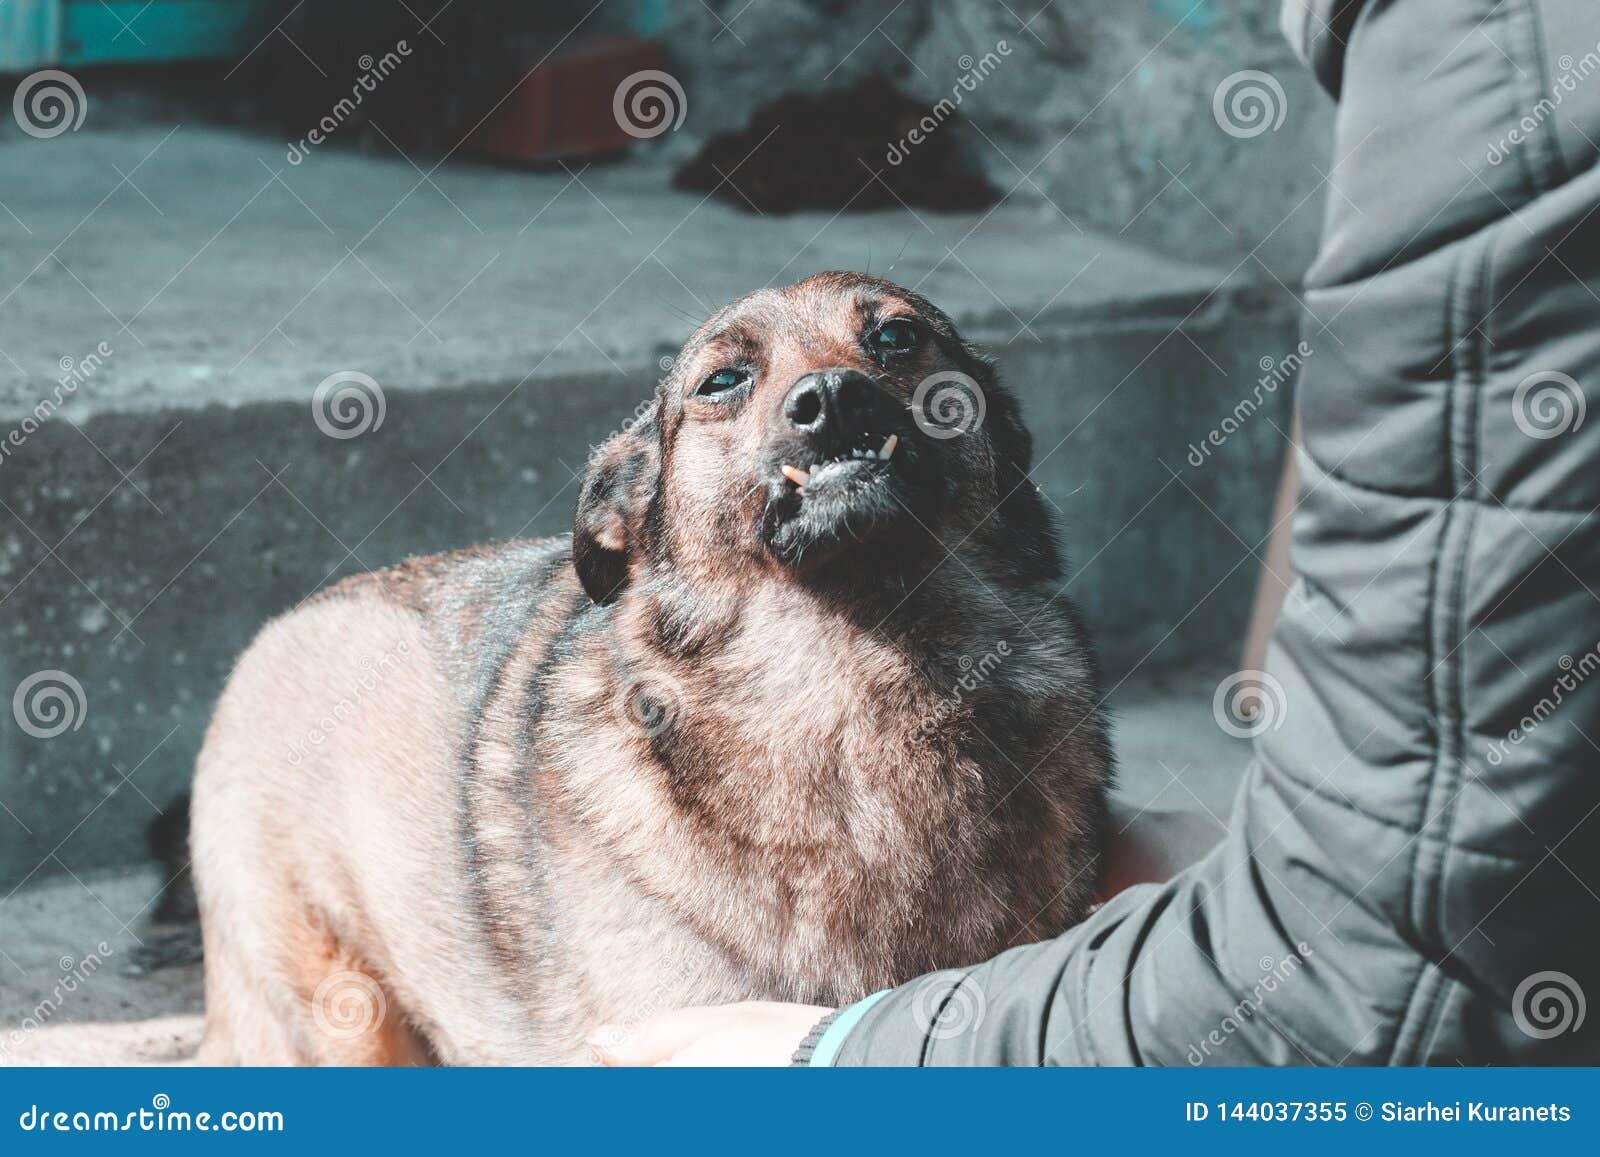 Courses de fille un chien égaré elle aime vraiment Profondeur de zone